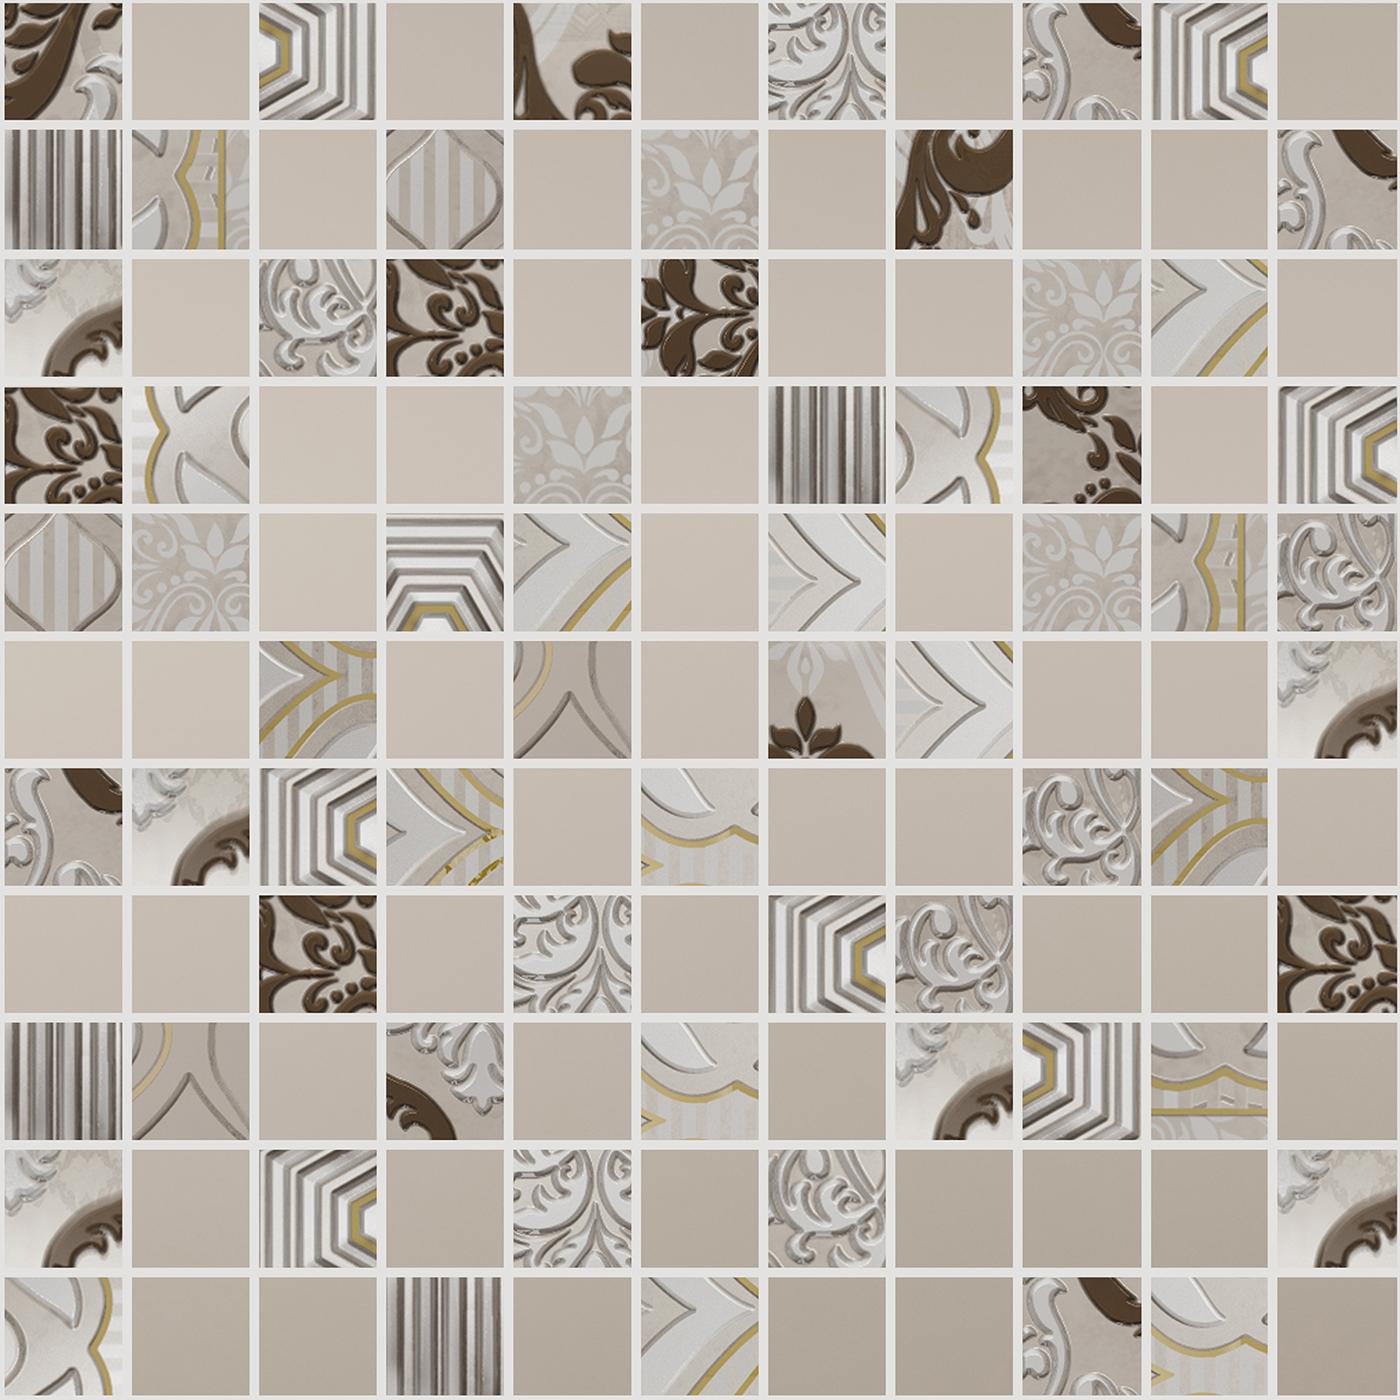 Керамическая плитка AltaСera Orleans Mosaic DW7MRL01 мозаика 30,5x30,5